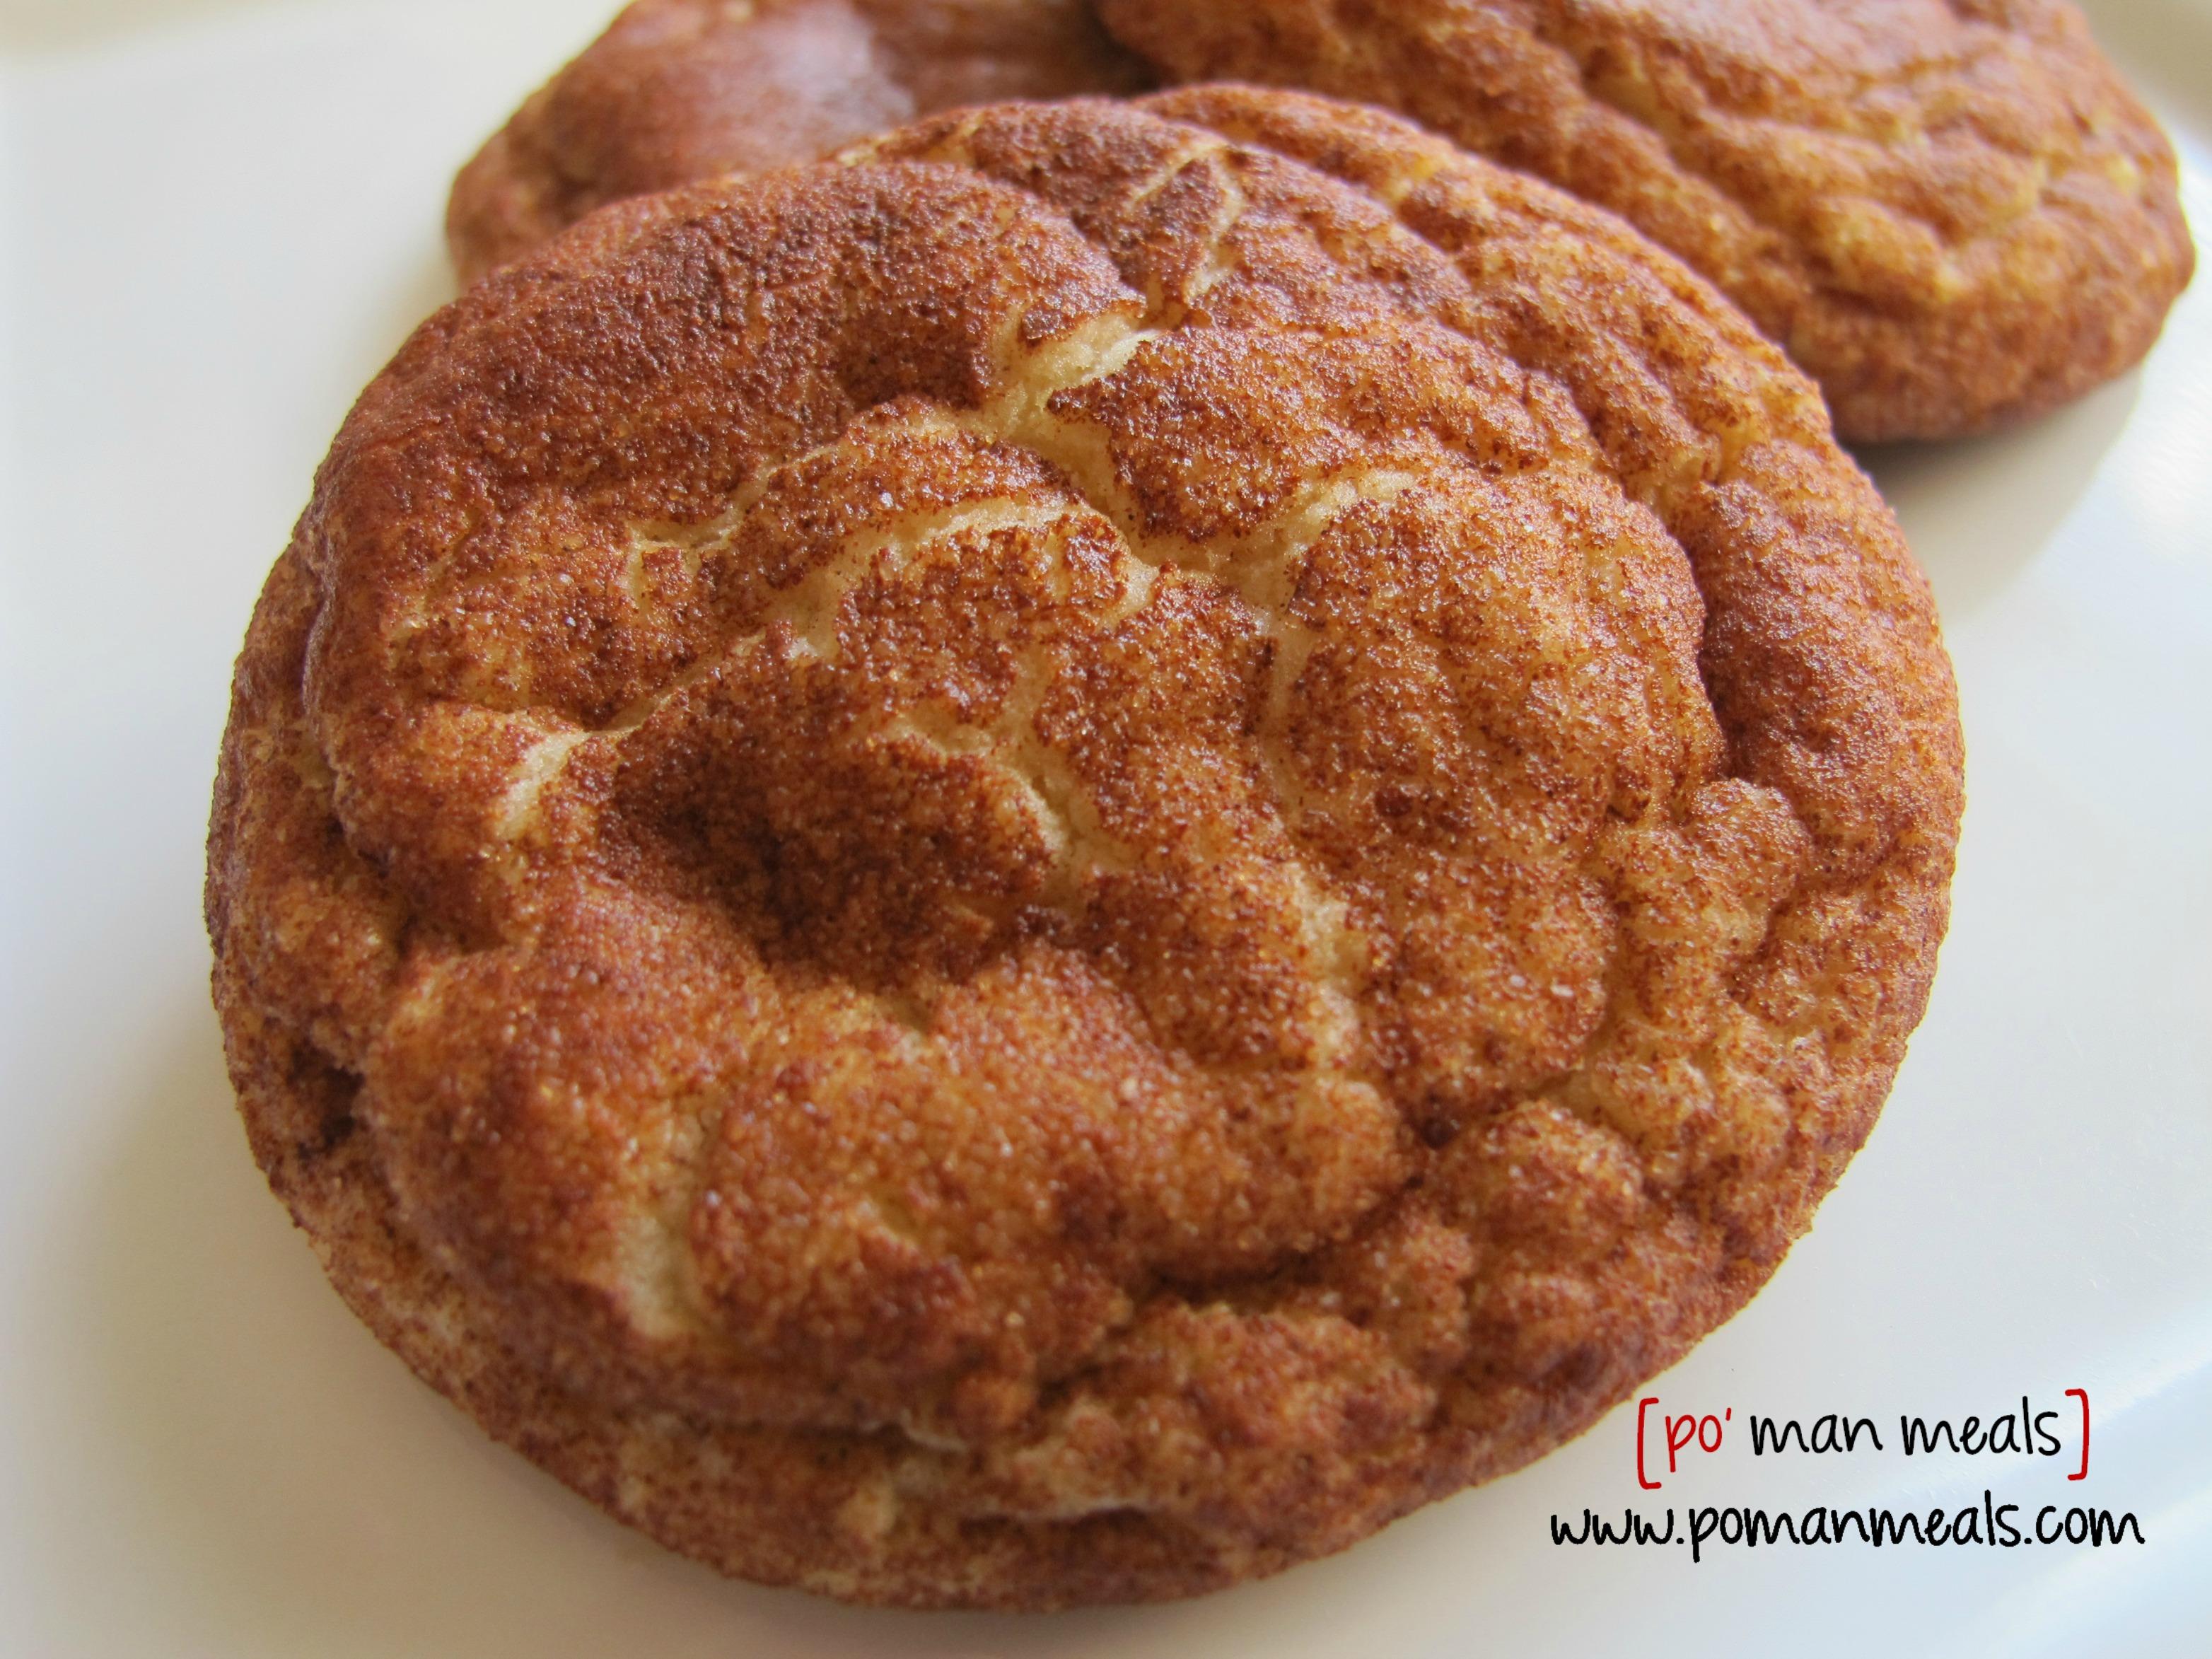 po' man meals - snickerdoodle cookies